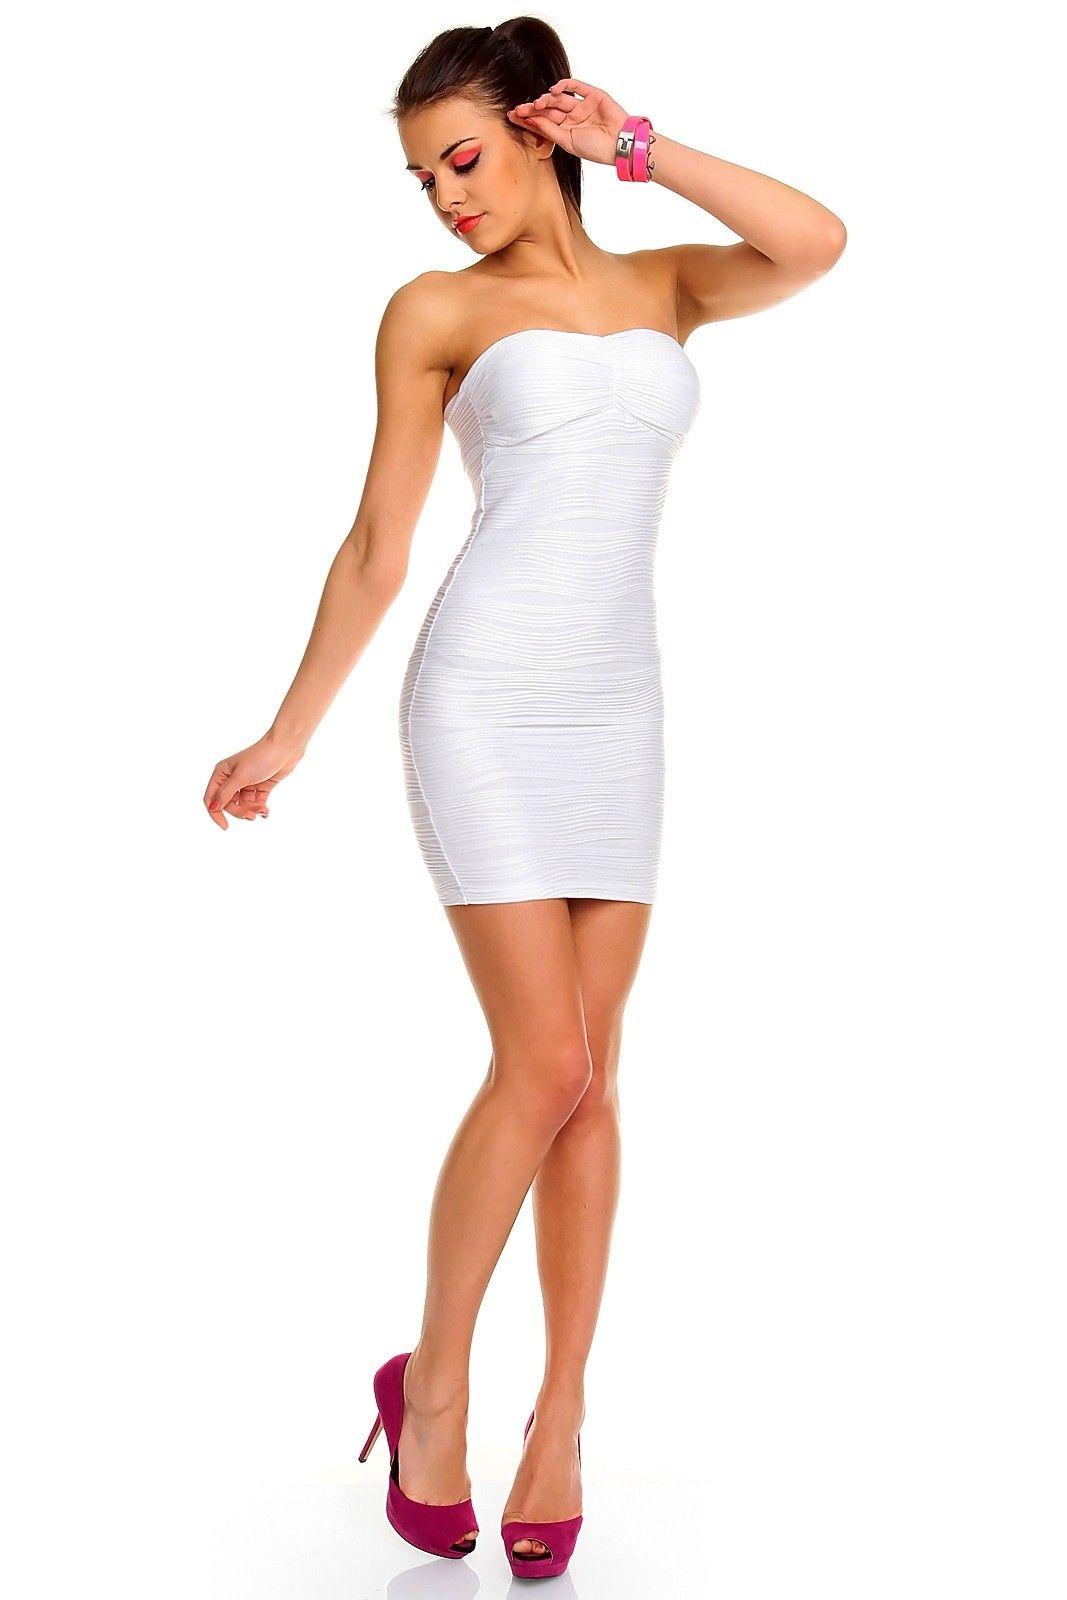 37609ef60d Vestido Blanco Lily Sugerente Vestido Blanco Lily entallado en color  blanco. Con un sensual escote en palabra de honor. Más que un vestido un  sueño